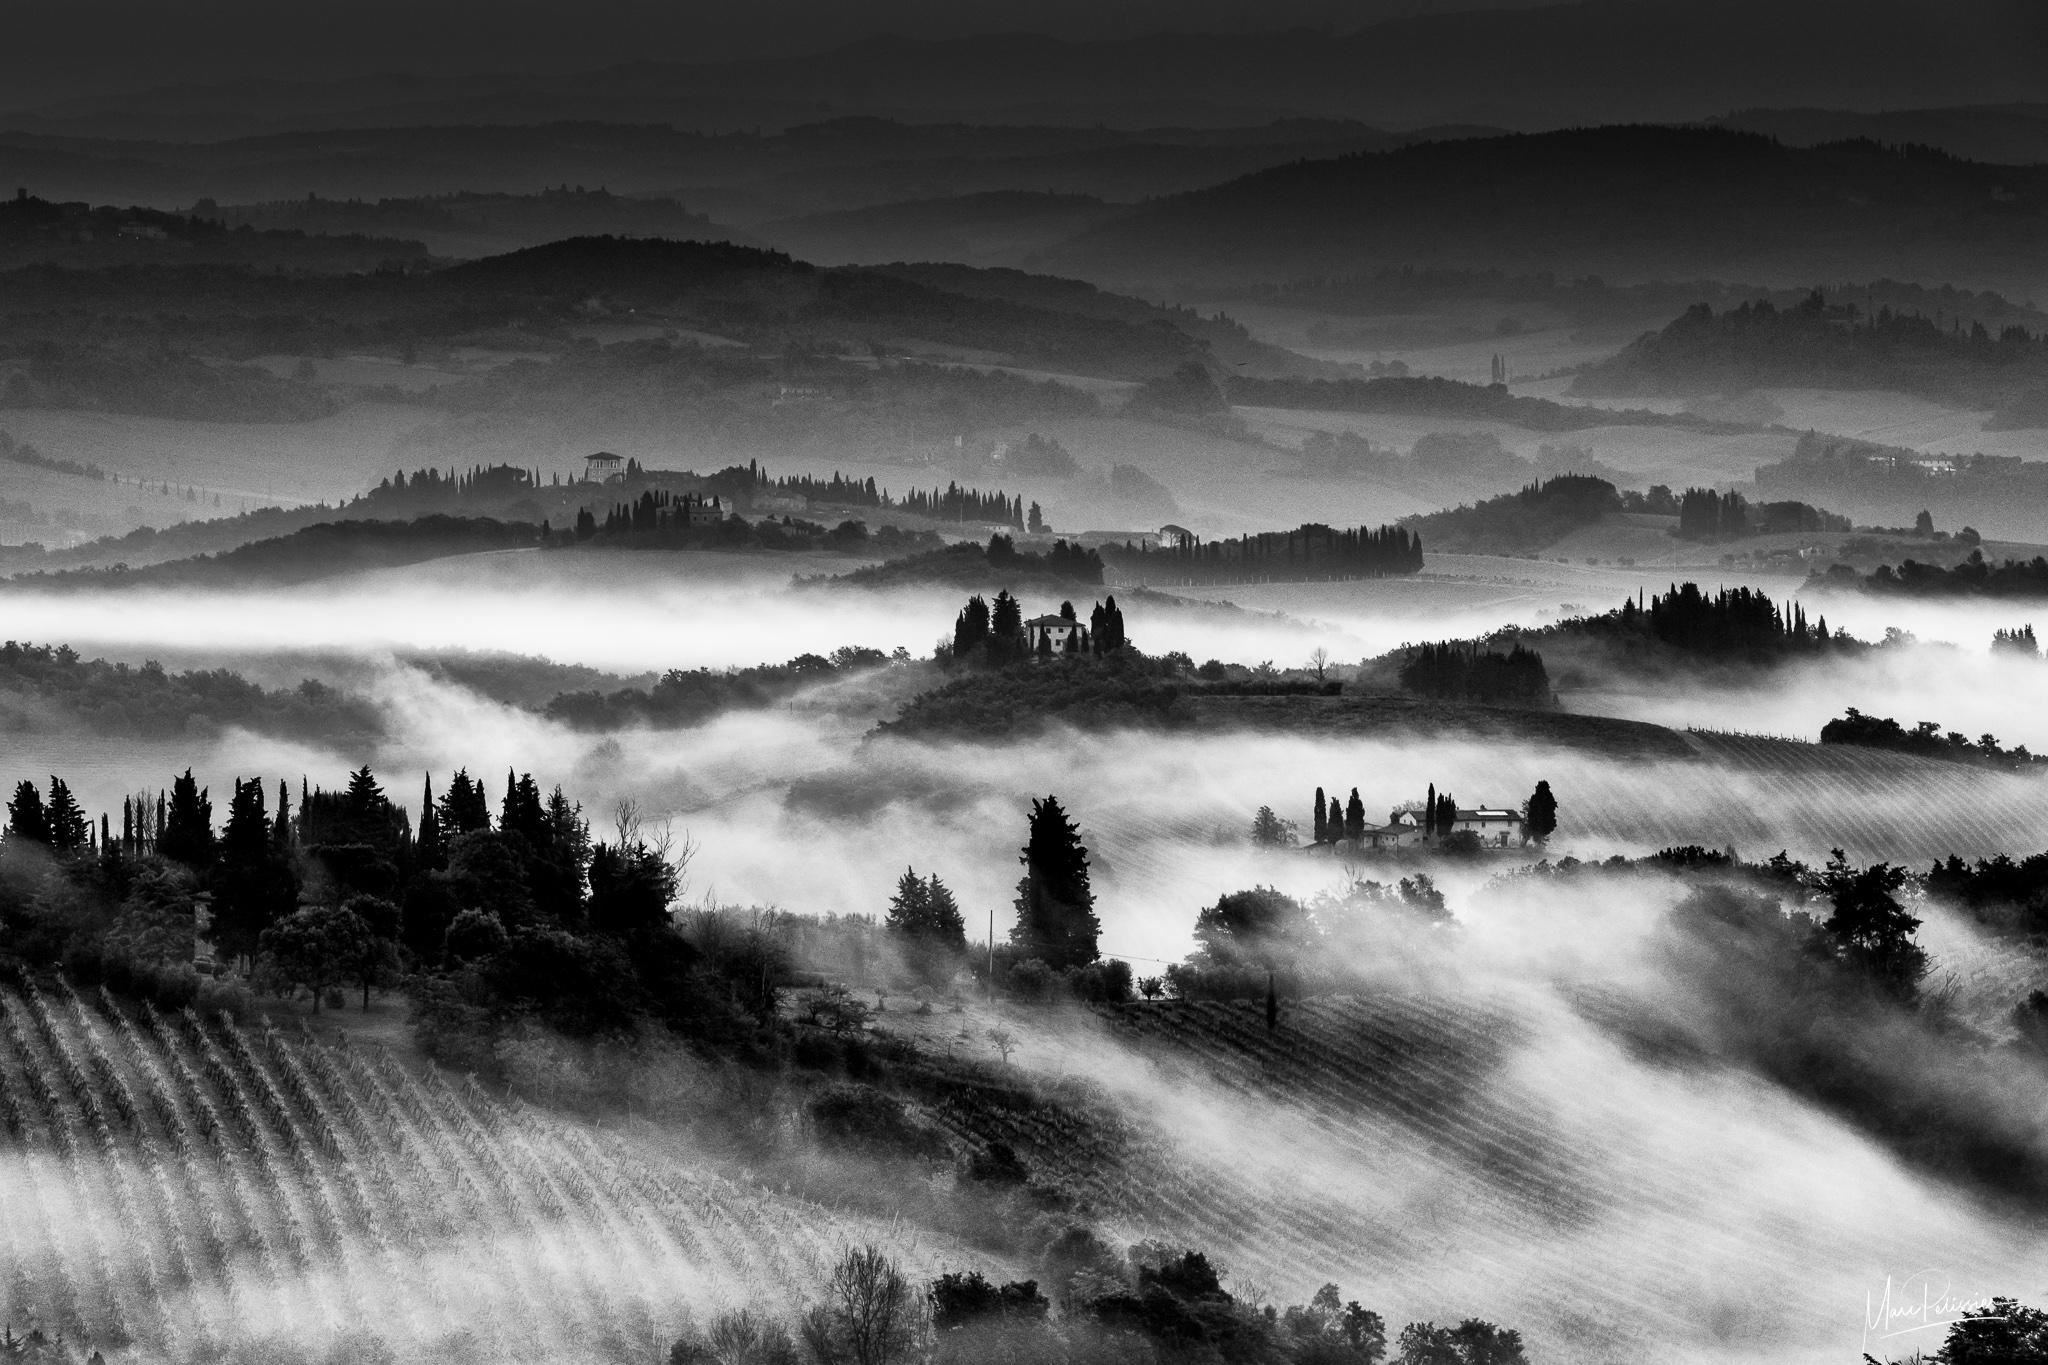 Morning mist in Tuscany - San Gimignano area, Italy